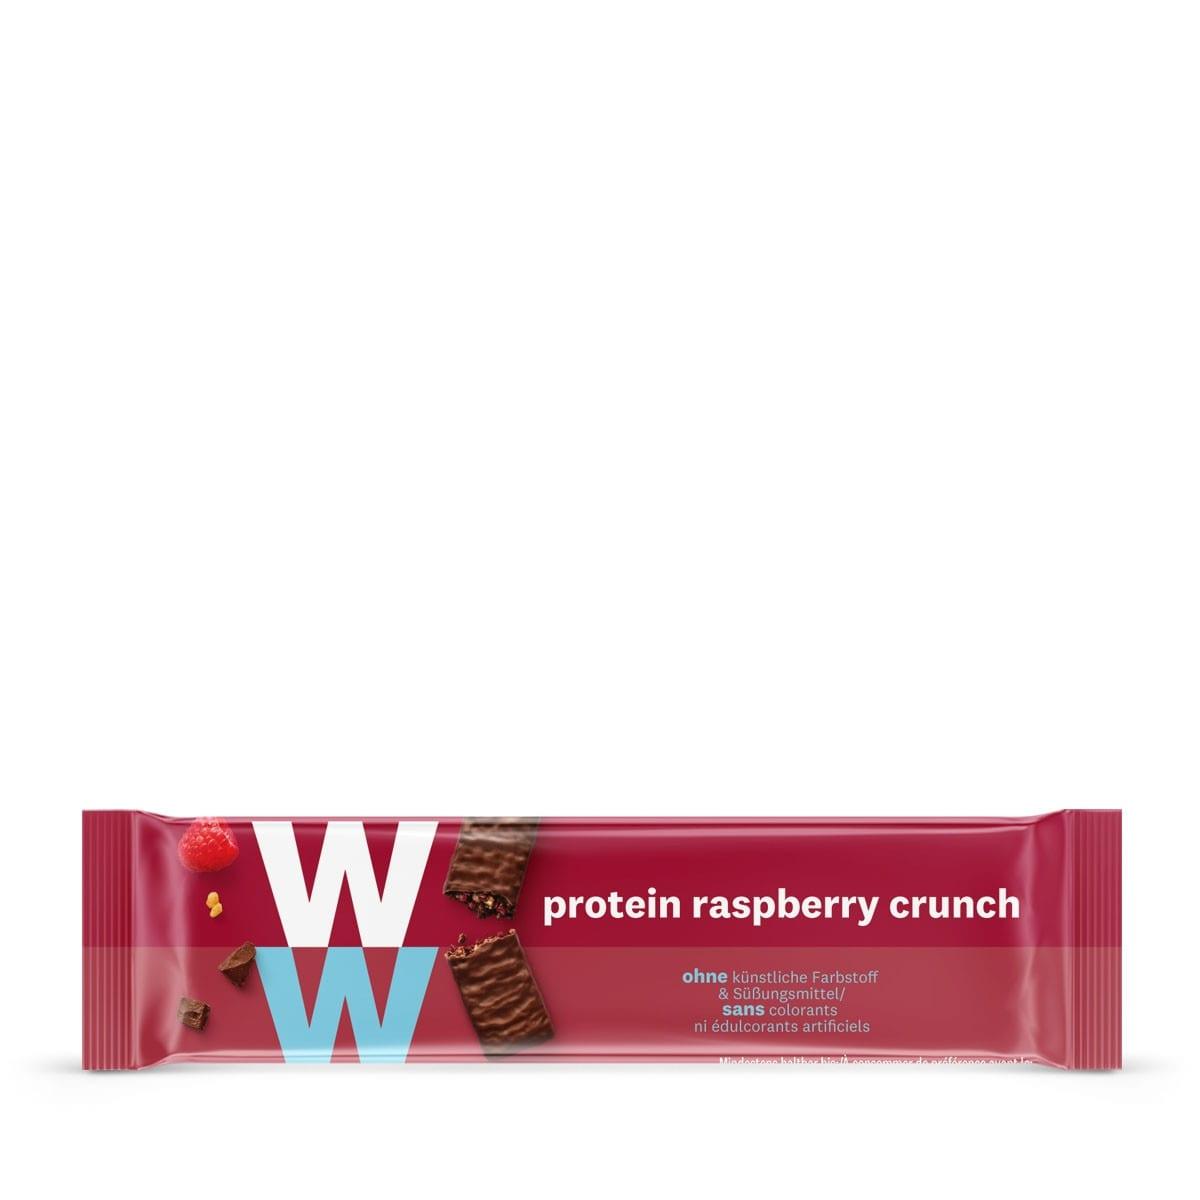 Een WW proteïnereep van 23 gram met melkchocolade en frambozen, rijk aan eiwitten